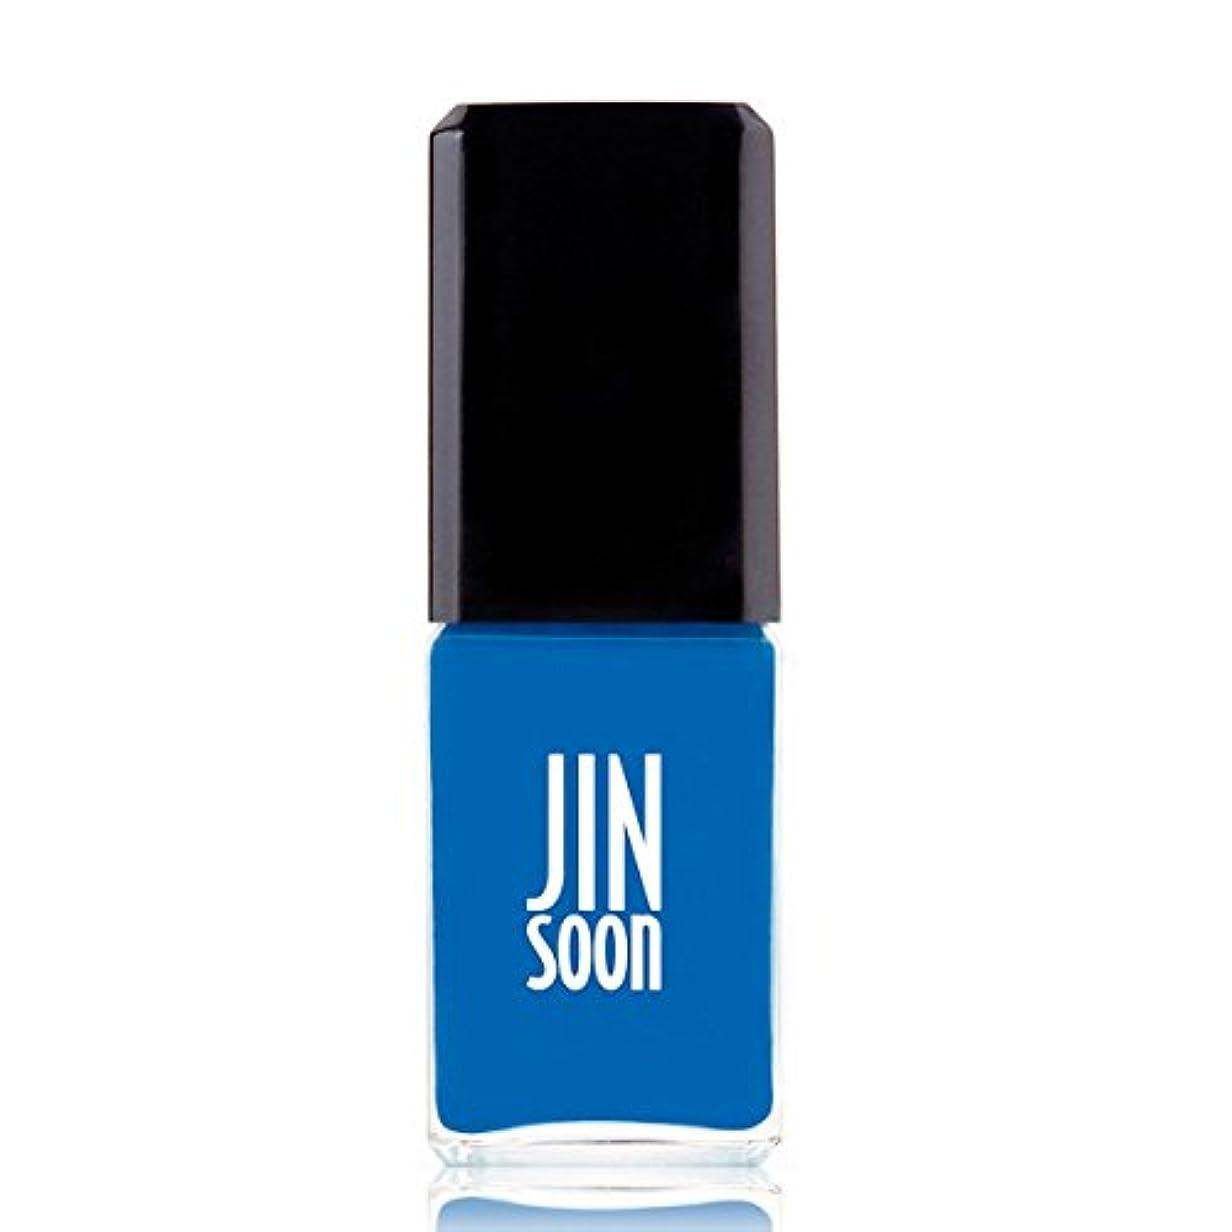 体操ハウスタイト[ジンスーン] [ jinsoon] クールブルー (セルリアンブルー)COOL BLUE ジンスーン 5フリー ネイルポリッシュ【ブルー】 11mL